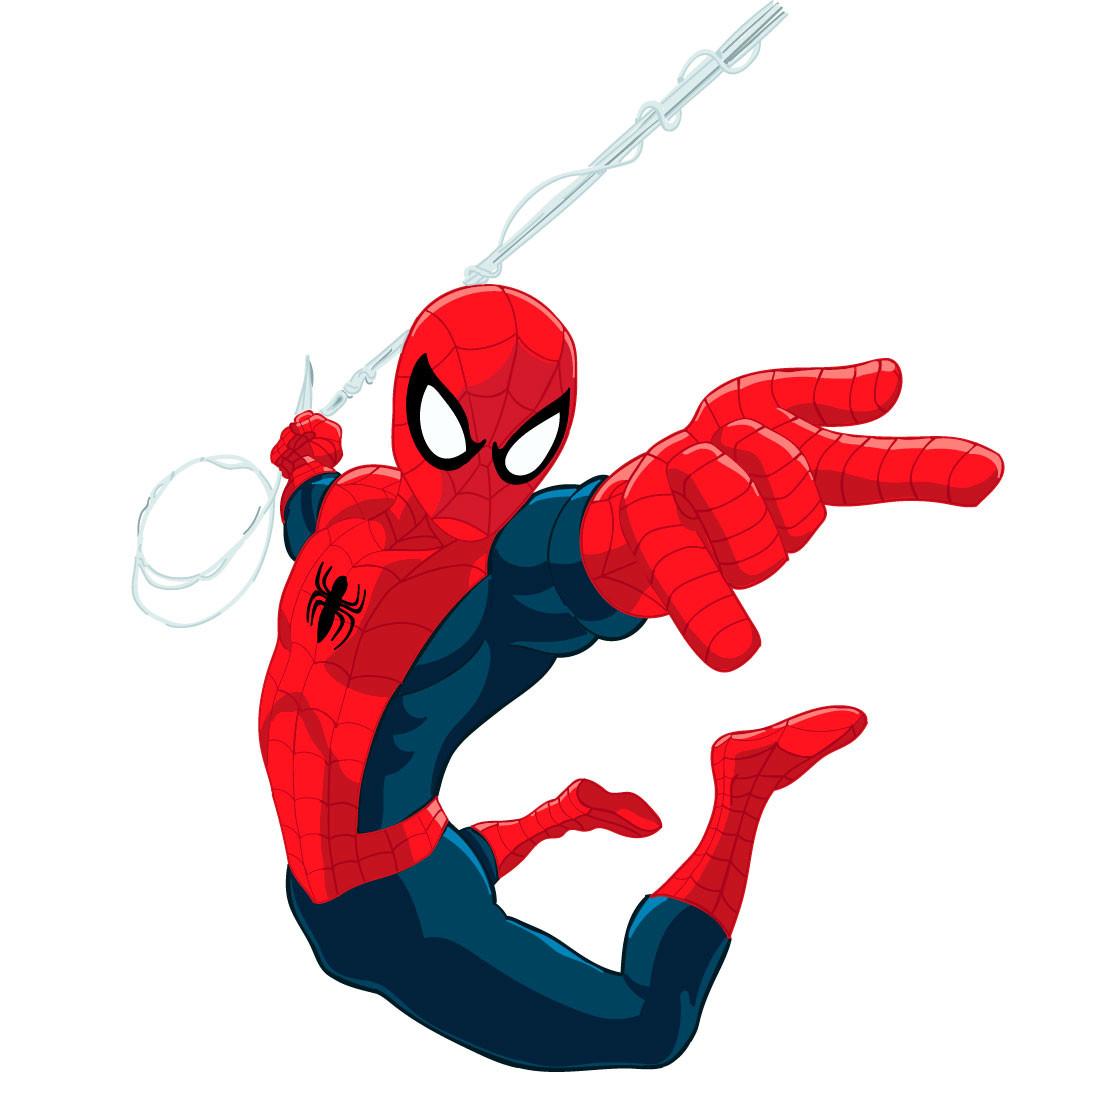 Adesivo de Parede Infantil do Homem Aranha